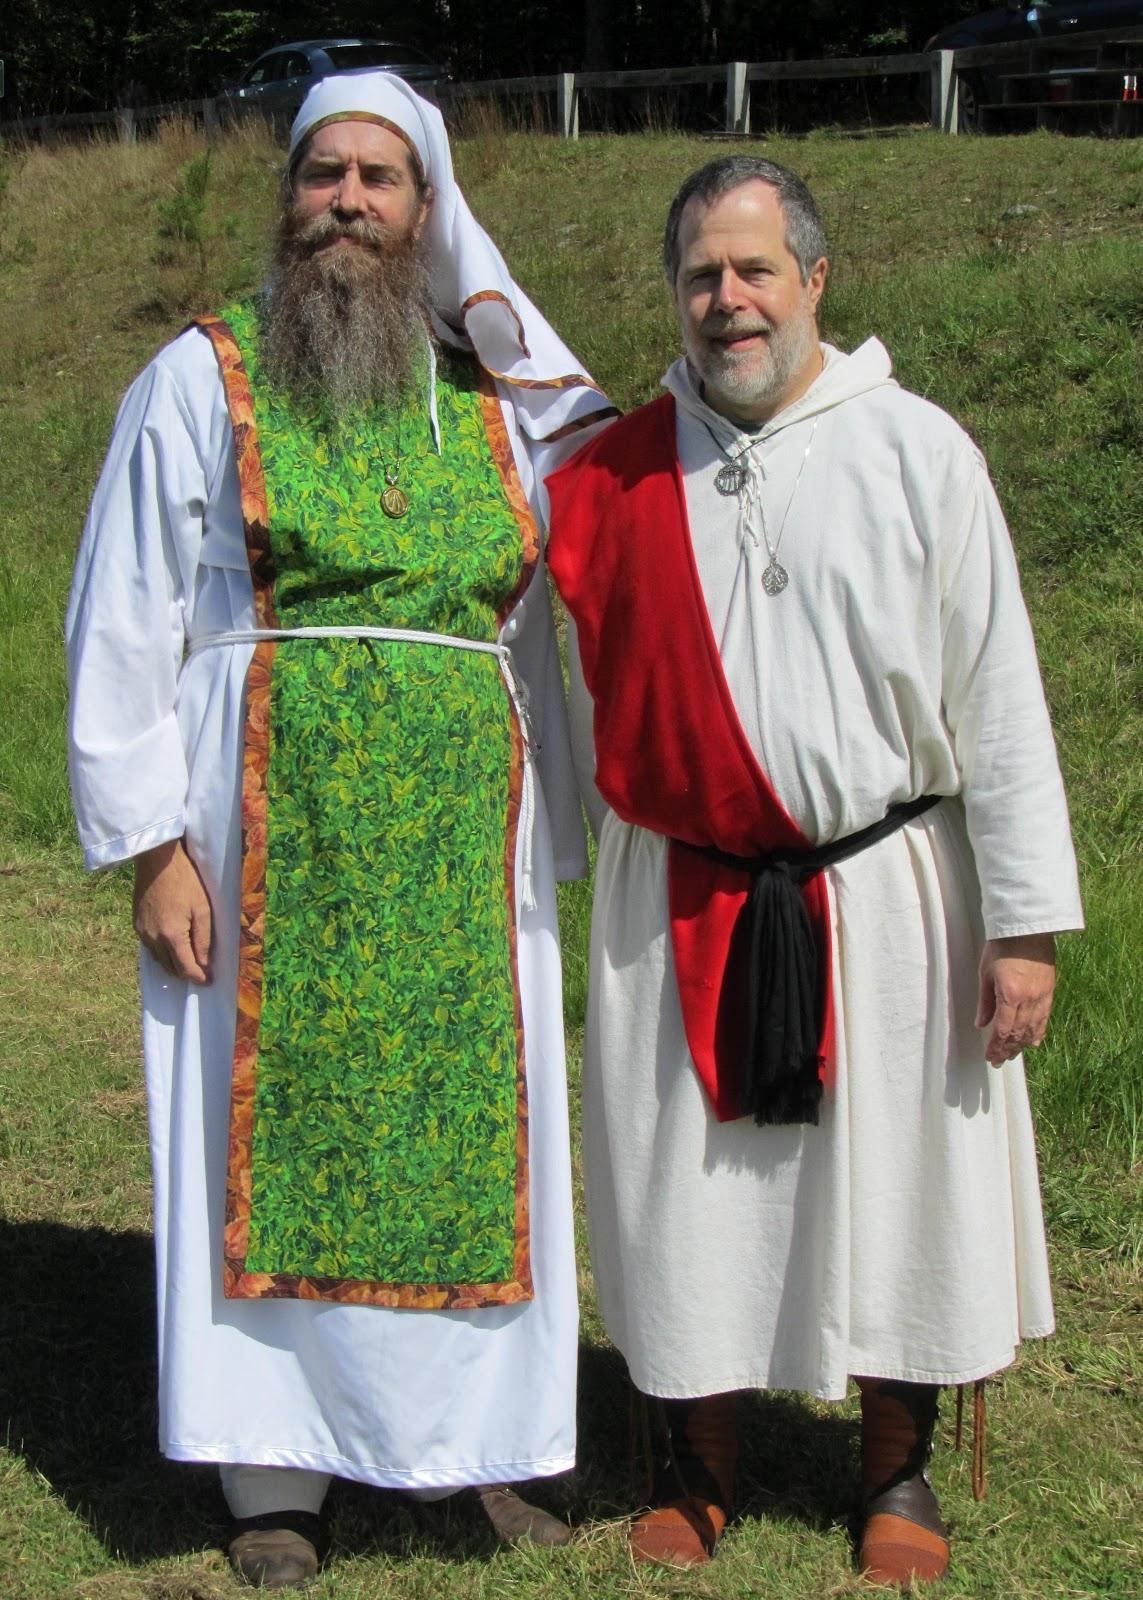 Druids and Their Robes | John Beckett